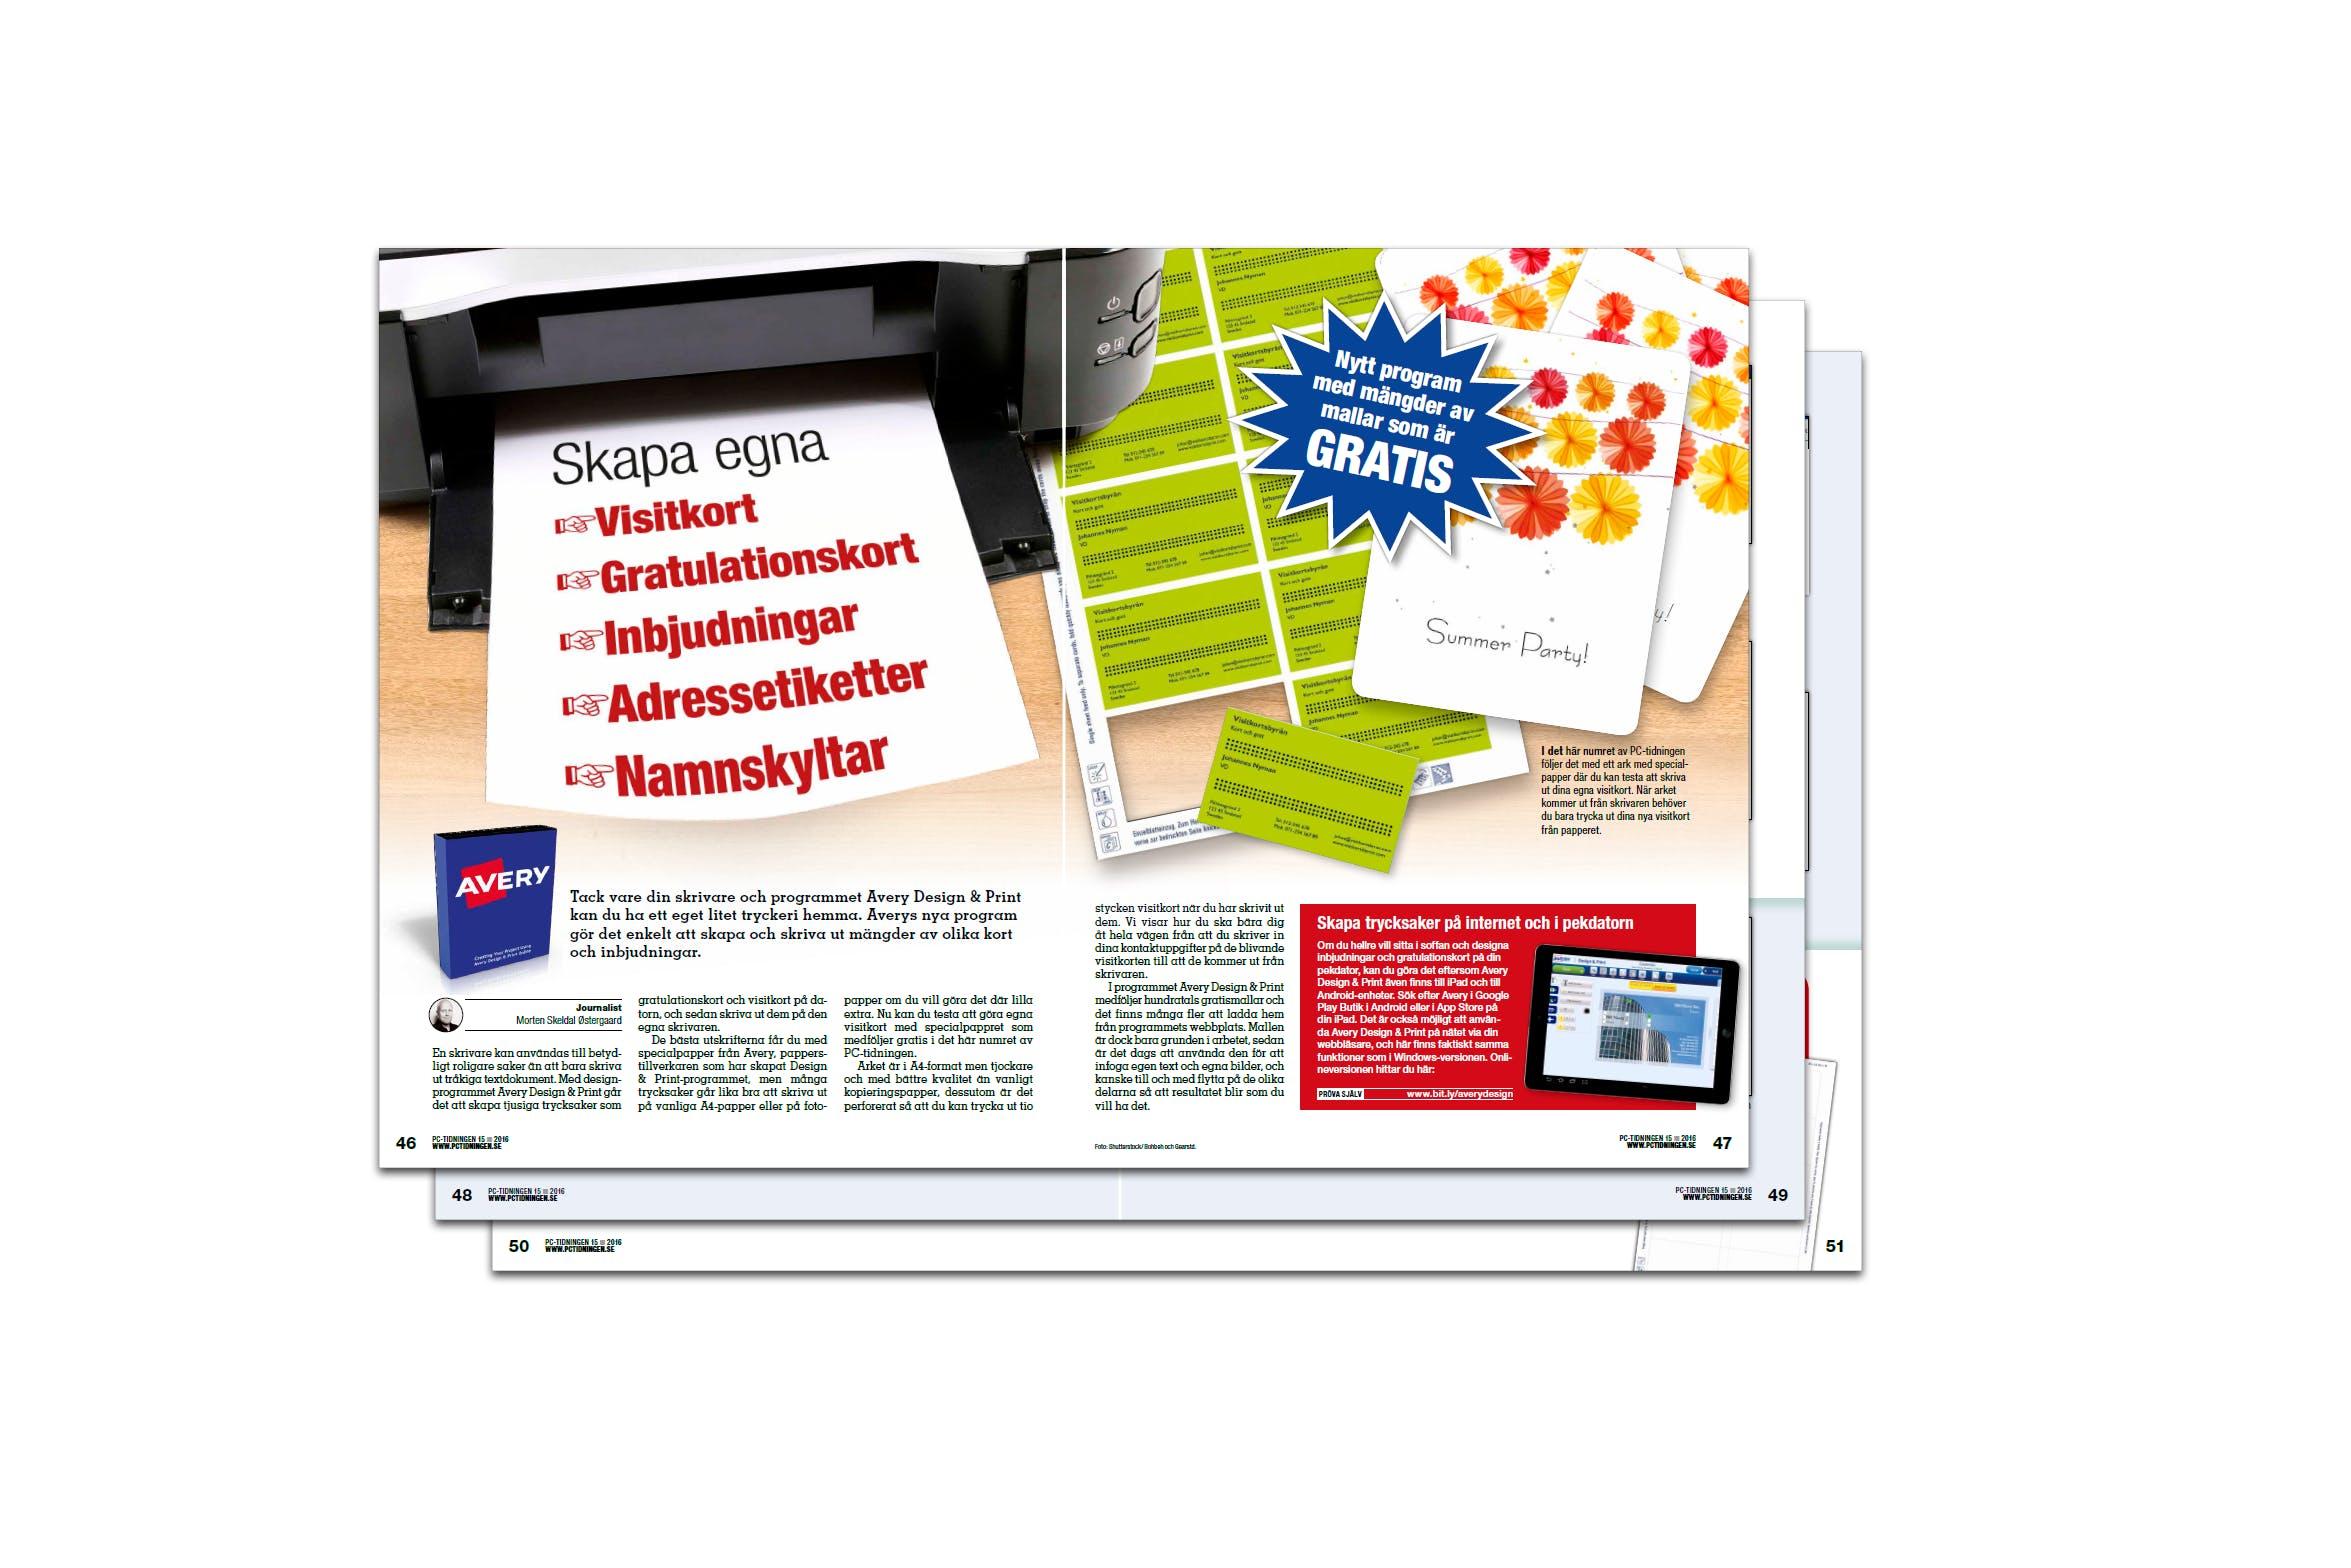 skapa egna gratulationskort Nytt program med mallar som är gratis   Pctidningen.se skapa egna gratulationskort